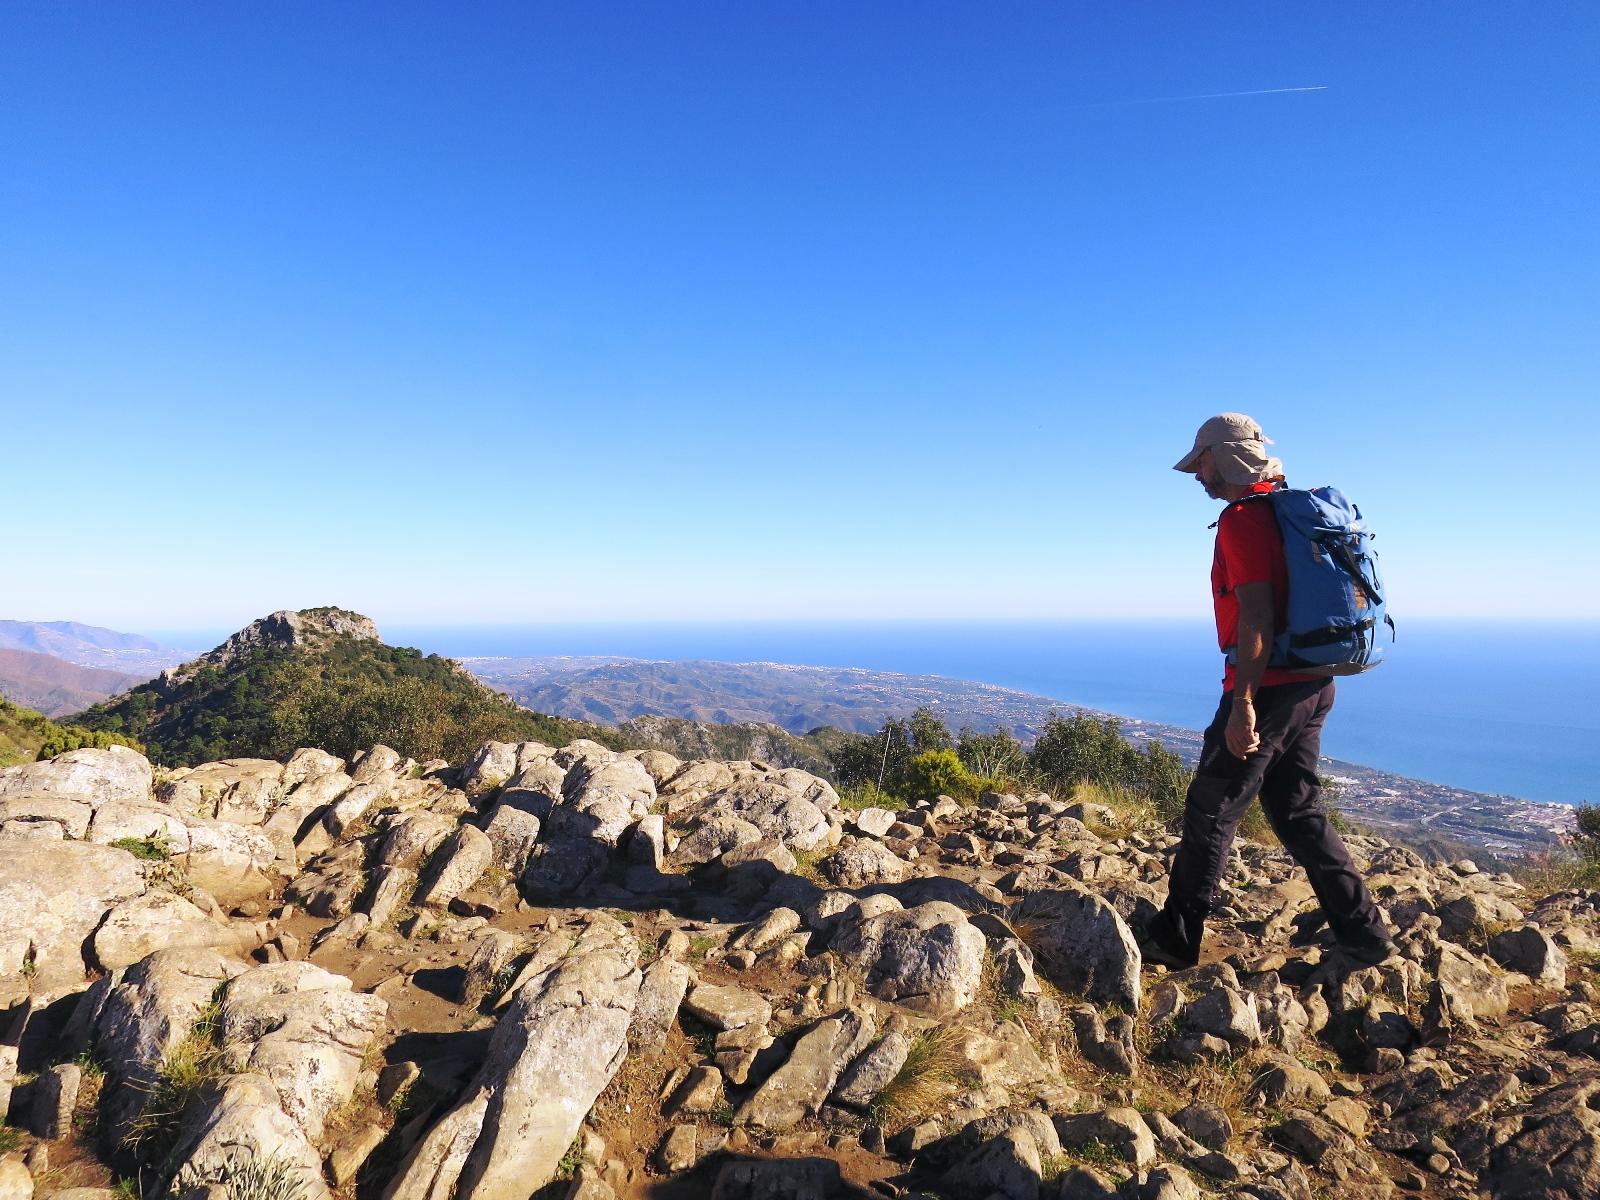 情熱のアンダルシア・ハイキングとシエラ・ネバダ山脈、白い村 8日間